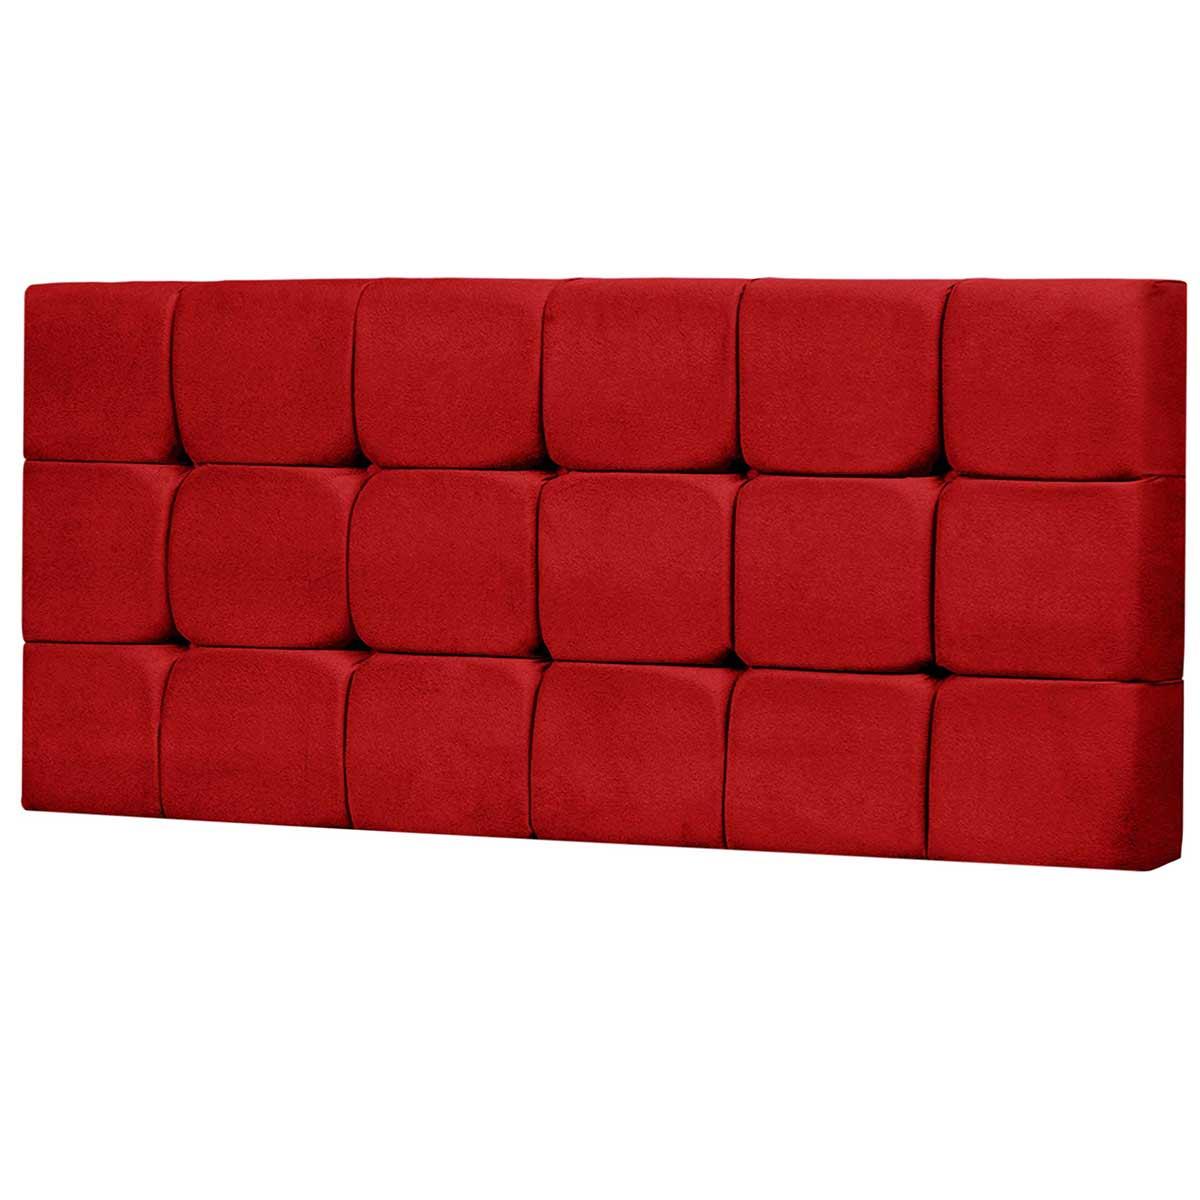 Cabeceira Painel Casal Estofada Espanha 140 cm Vermelho